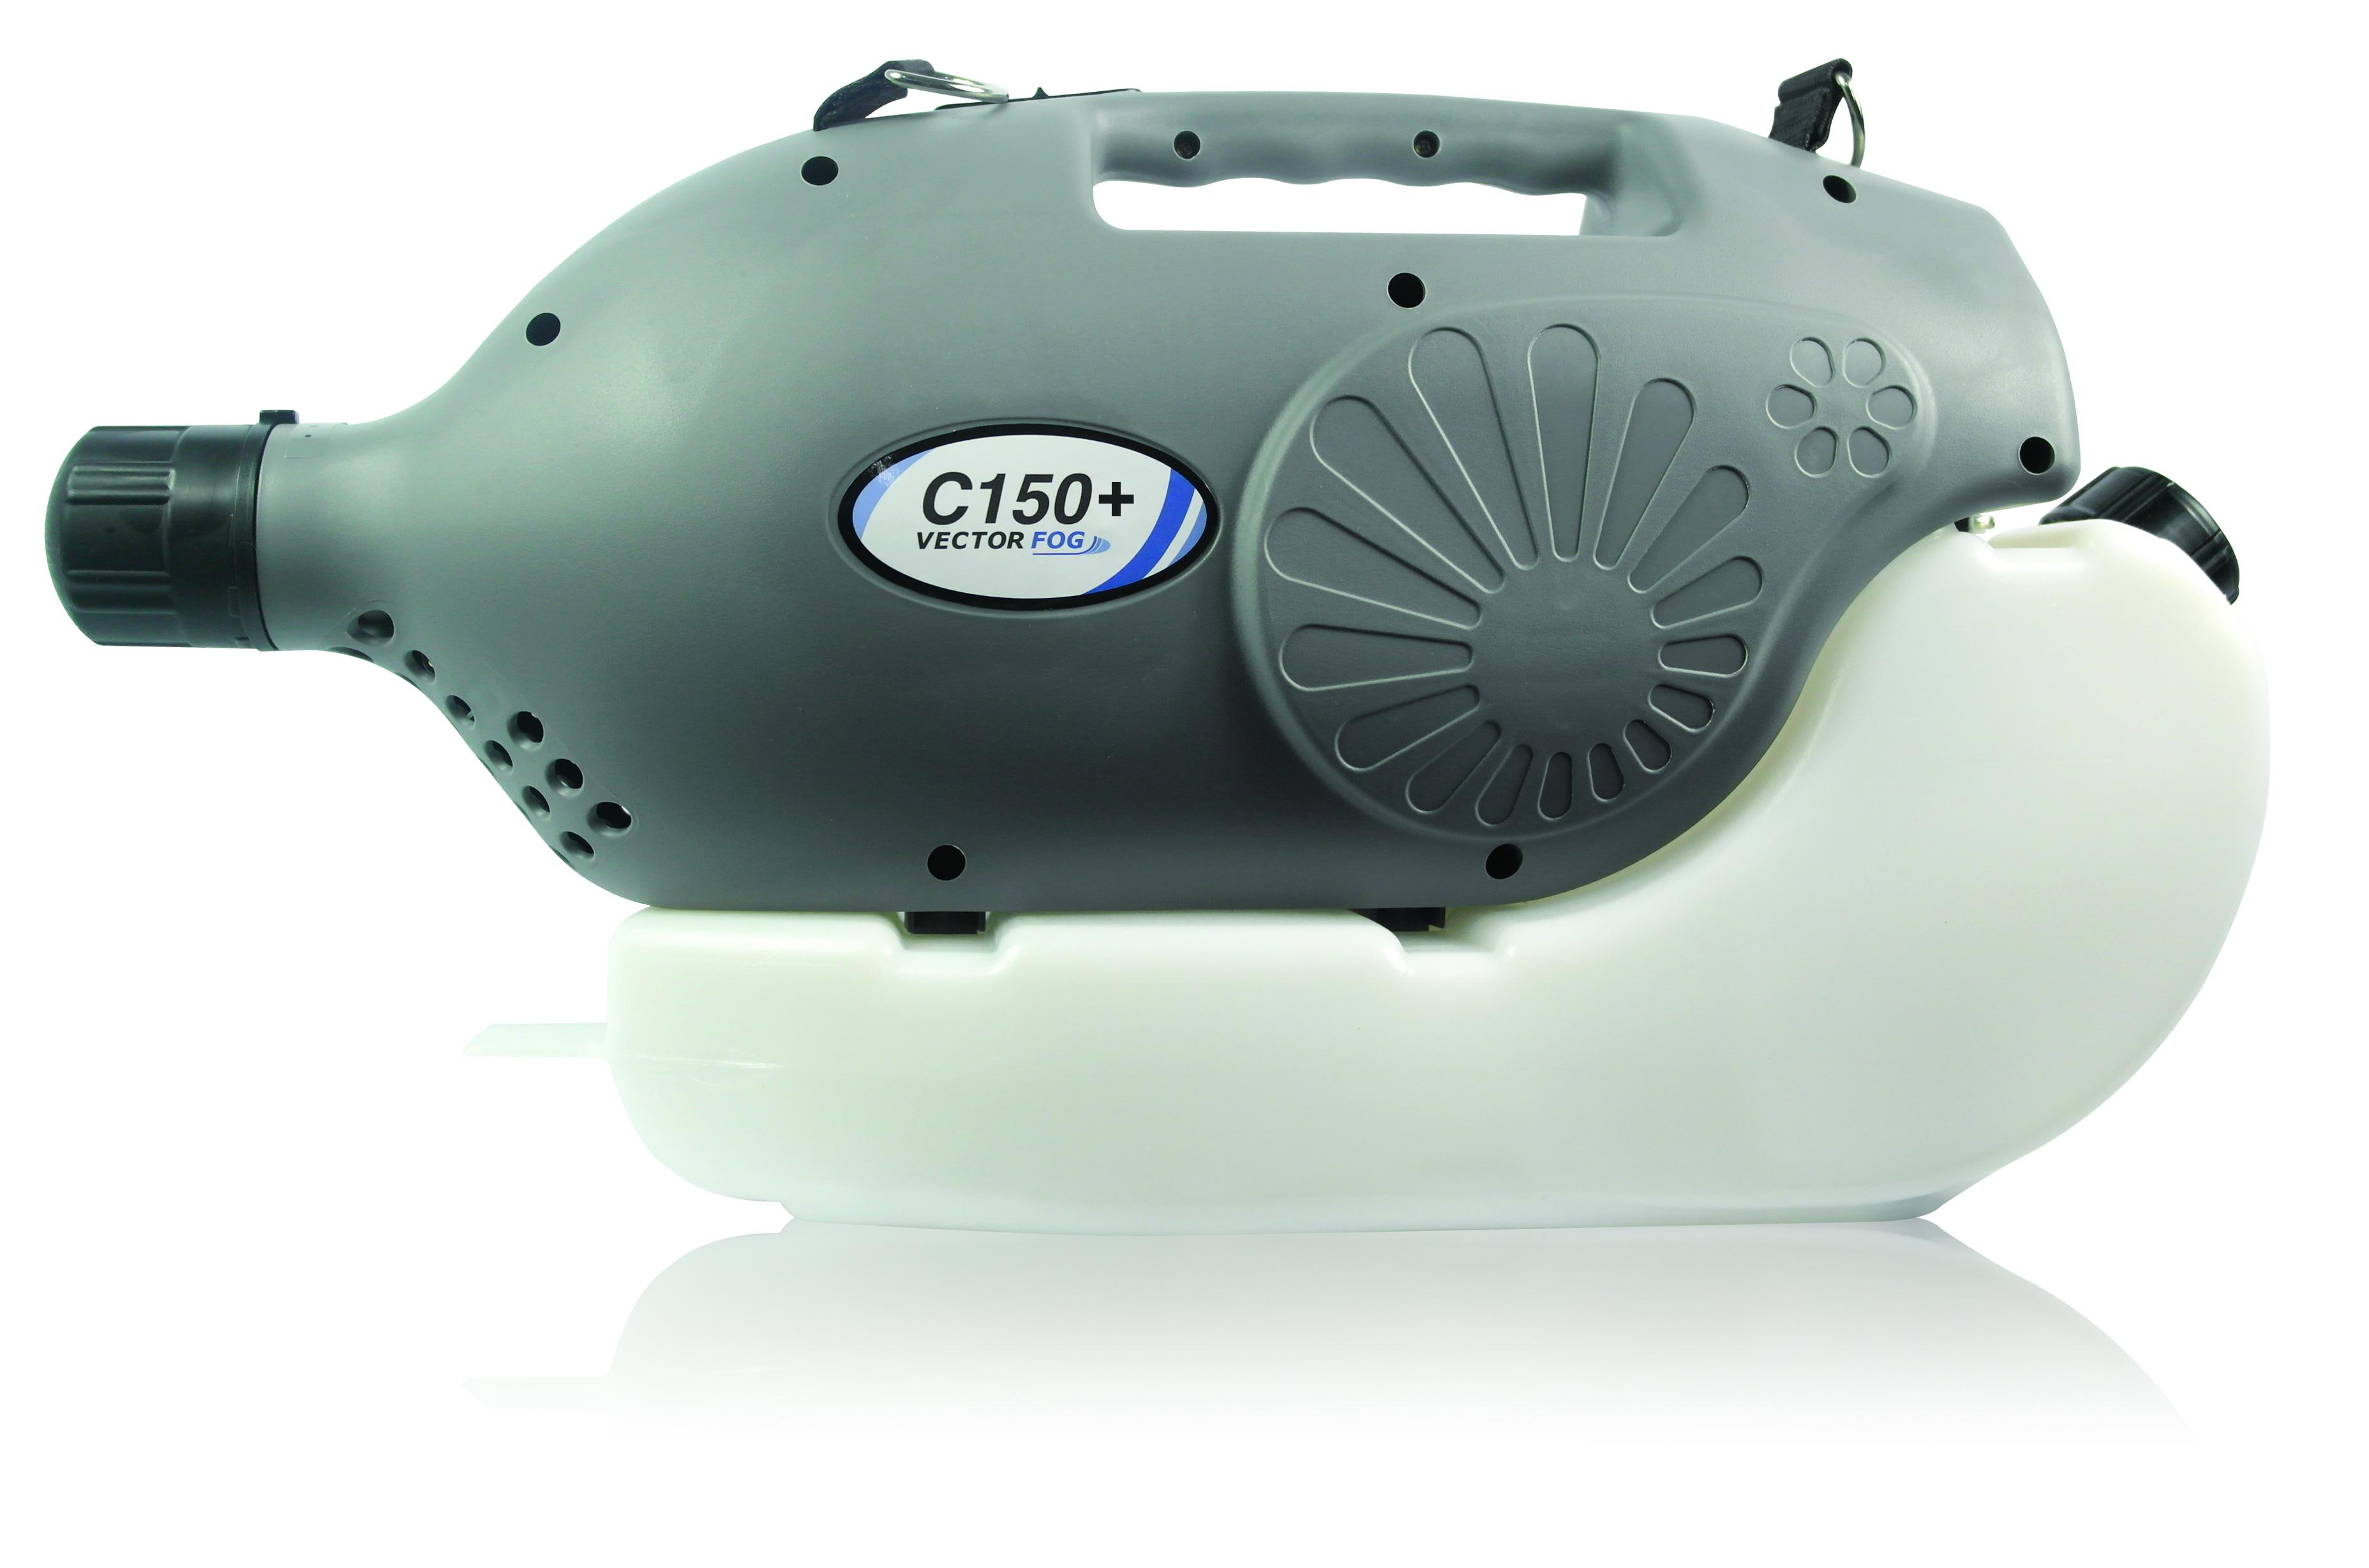 Vectorfog C150+  Hideg ködképző gép 6L tank, 1250W motor44